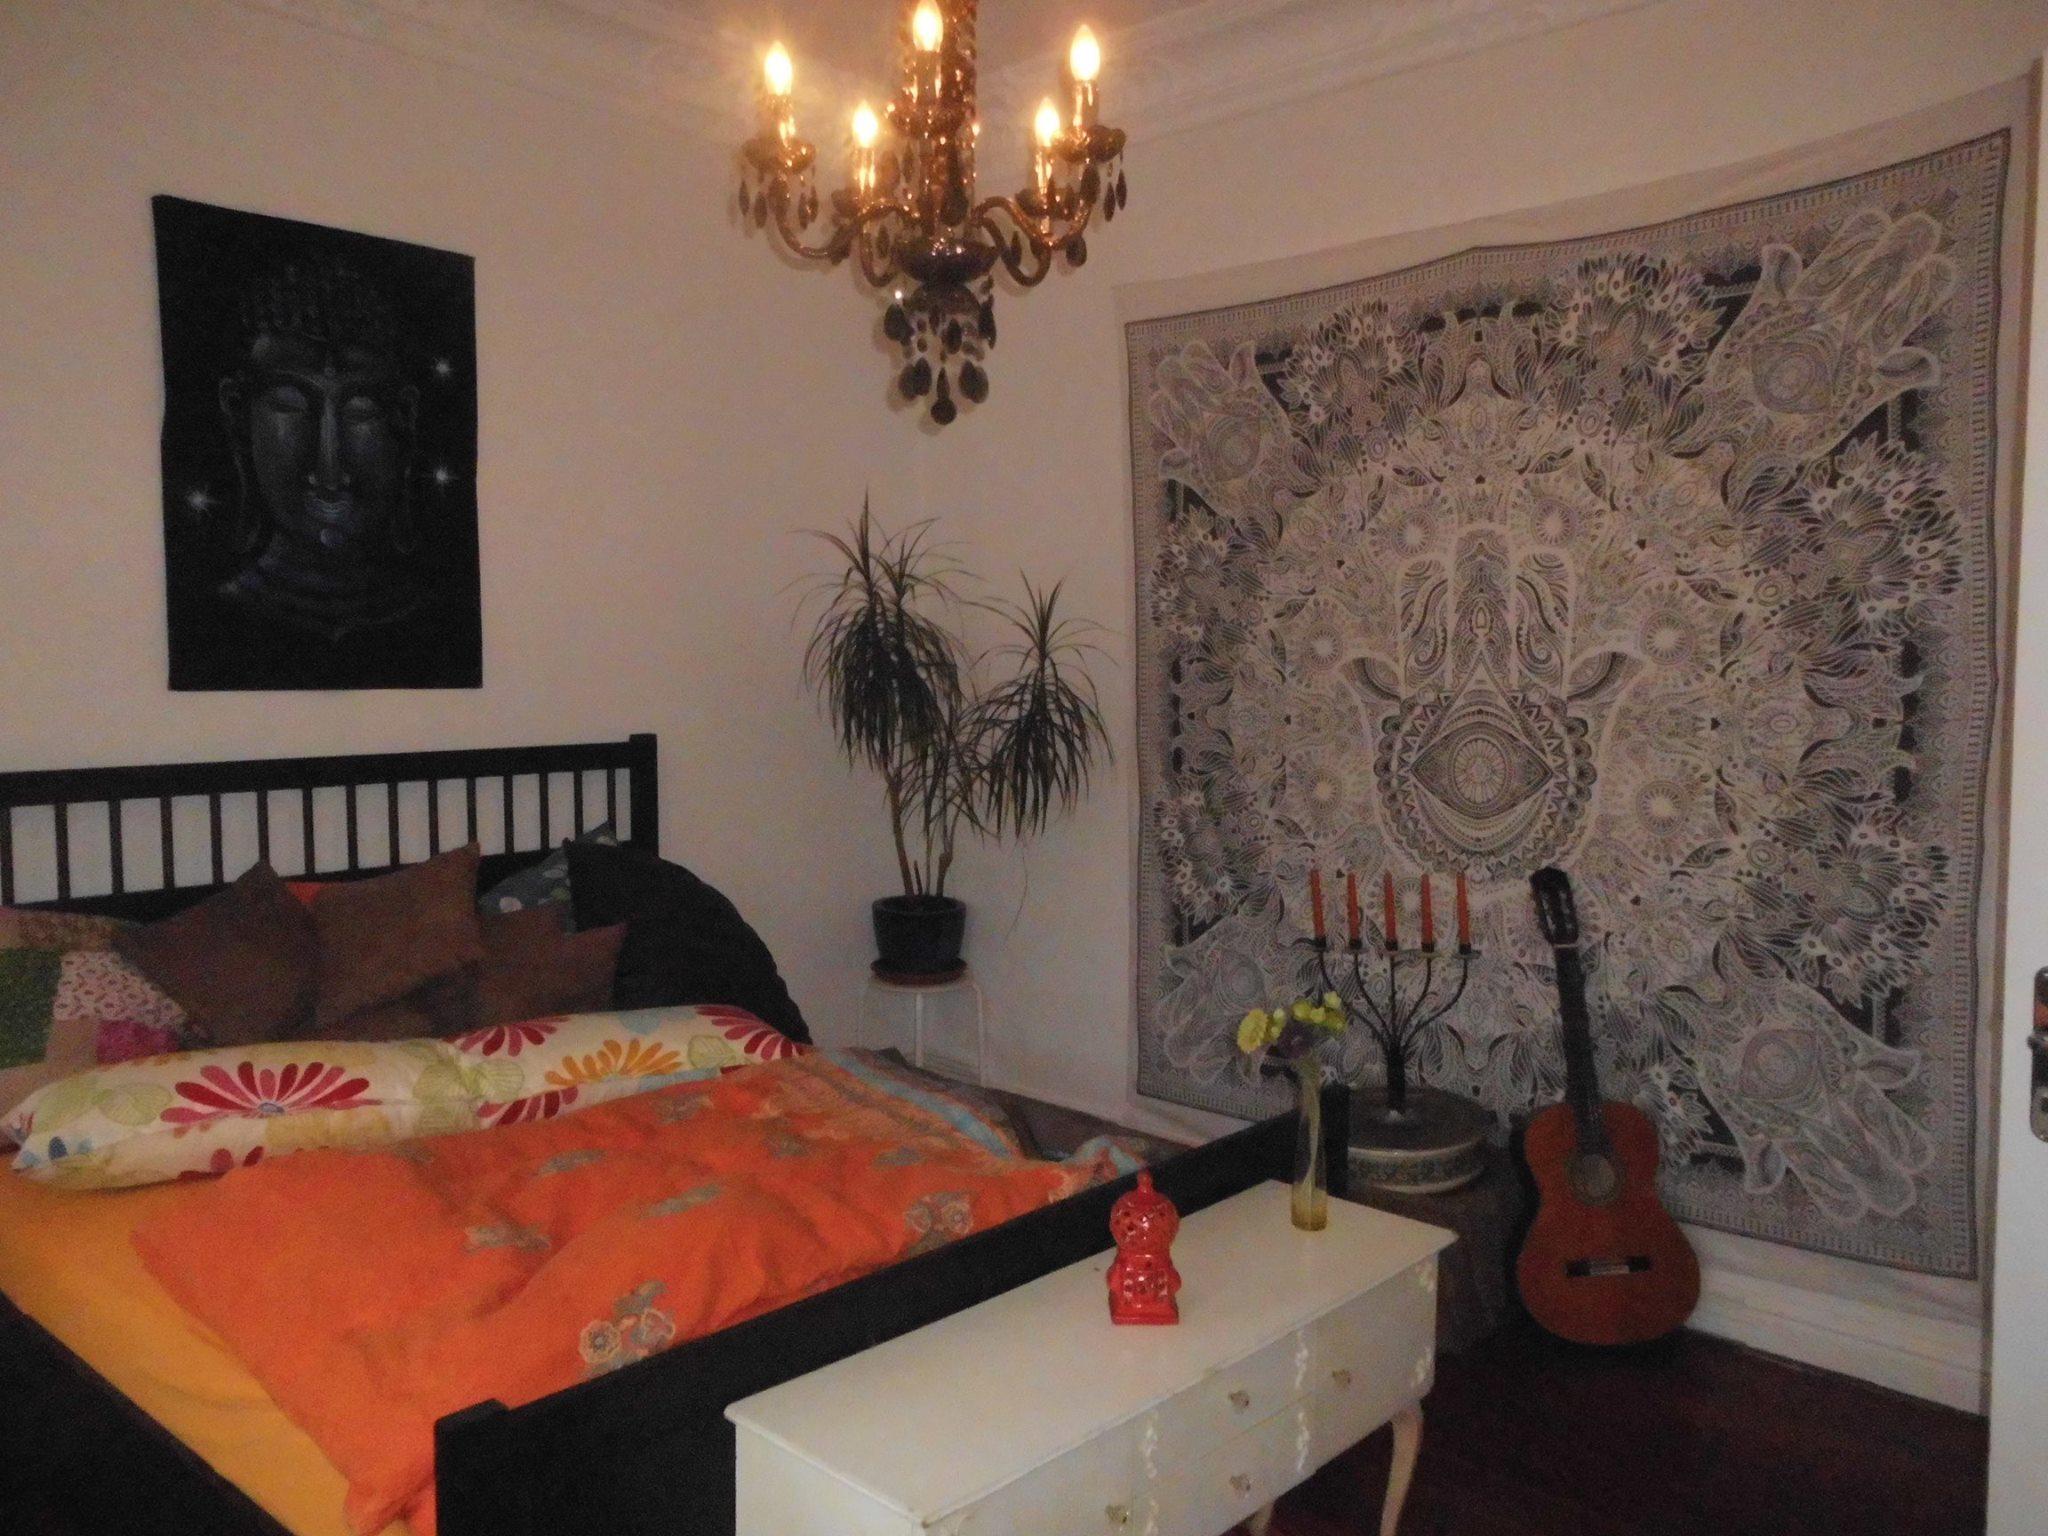 Wandtuch Variante weiß grau im Schlafzimmer